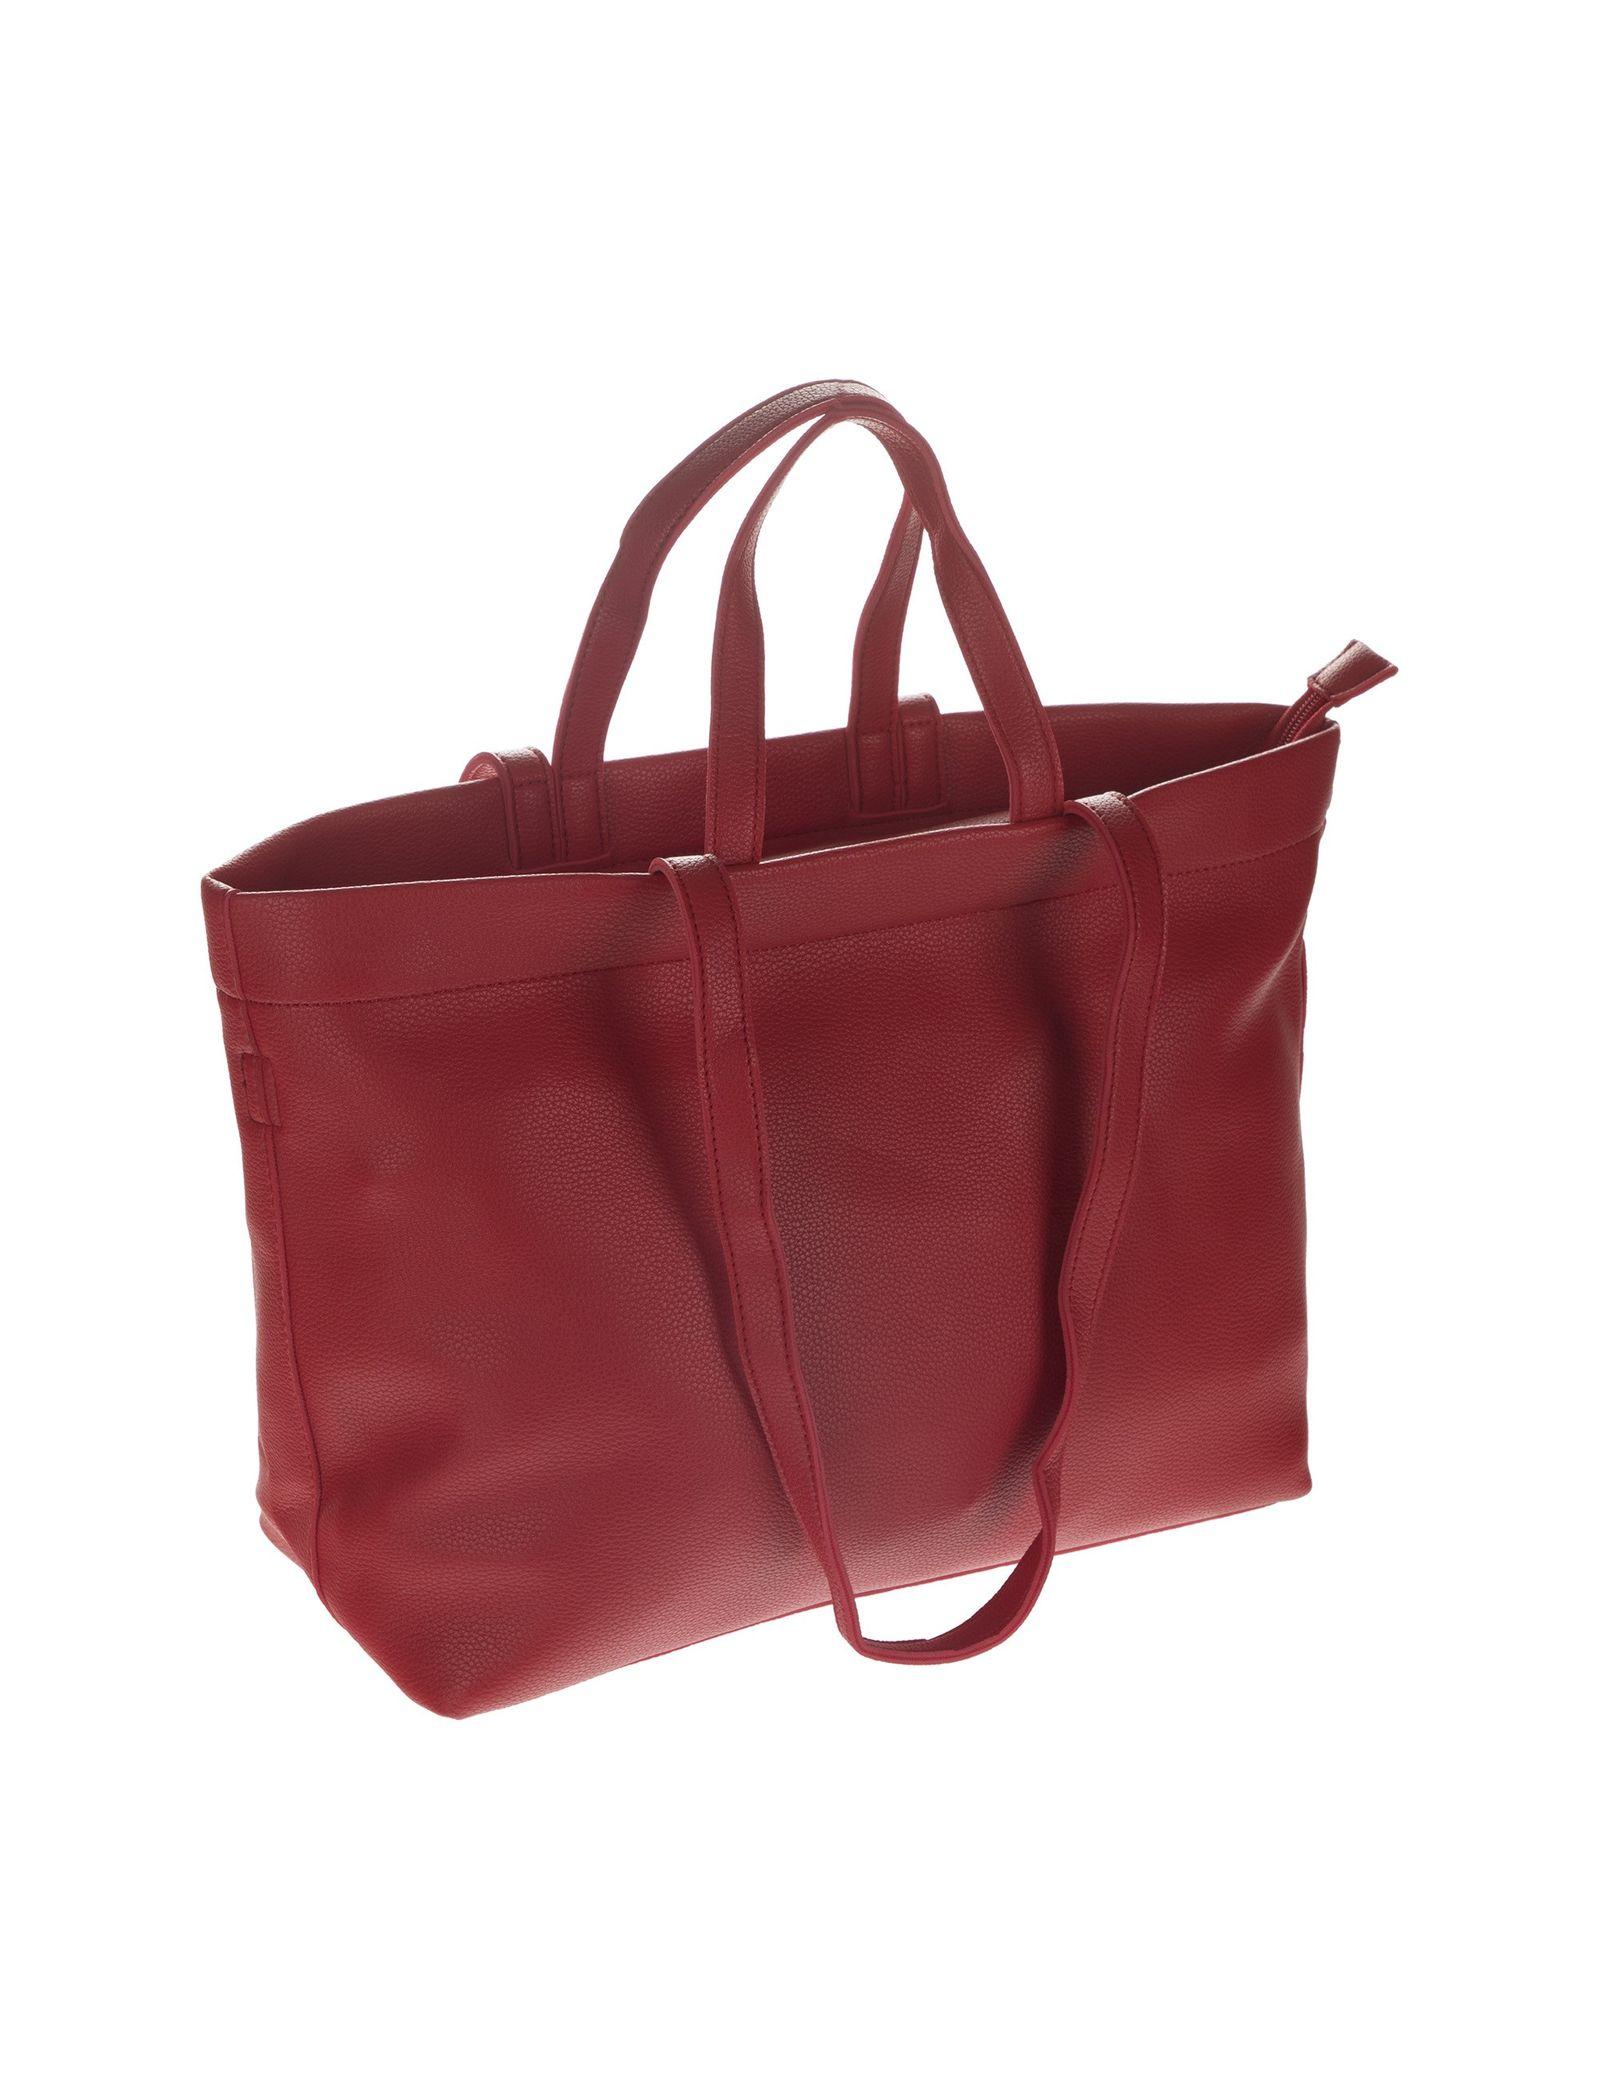 کیف دوشی روزمره زنانه - دادلین - قرمز  - 5